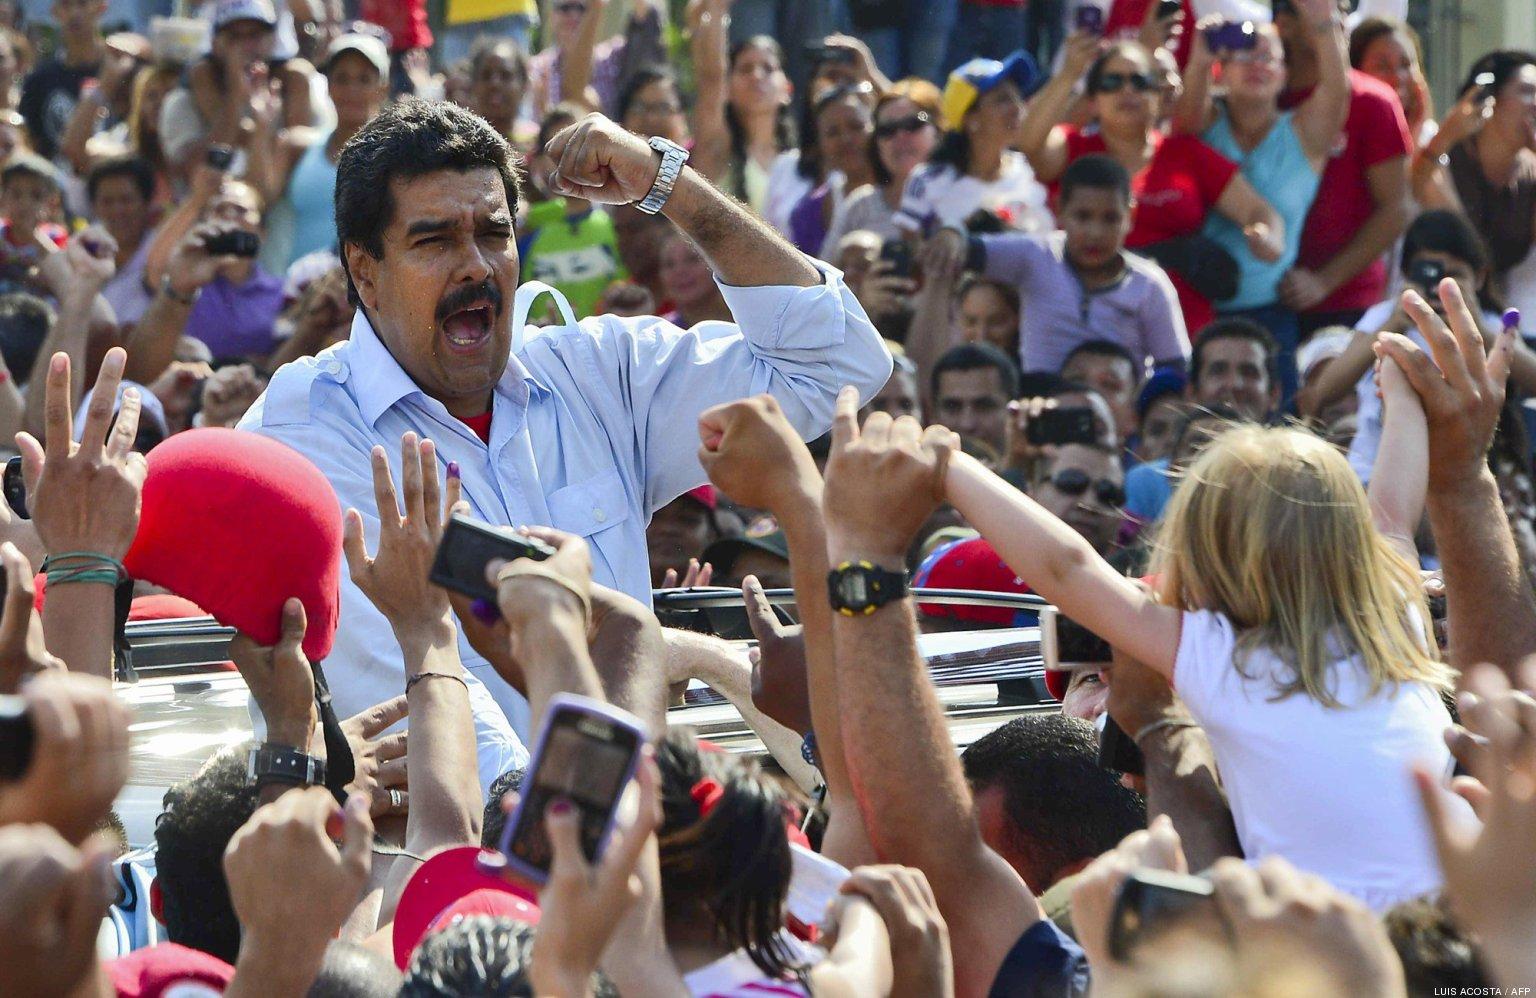 Pequeno Nicolas Baño:Elecciones Venezuela: Maduro será proclamado vencedor pese a las